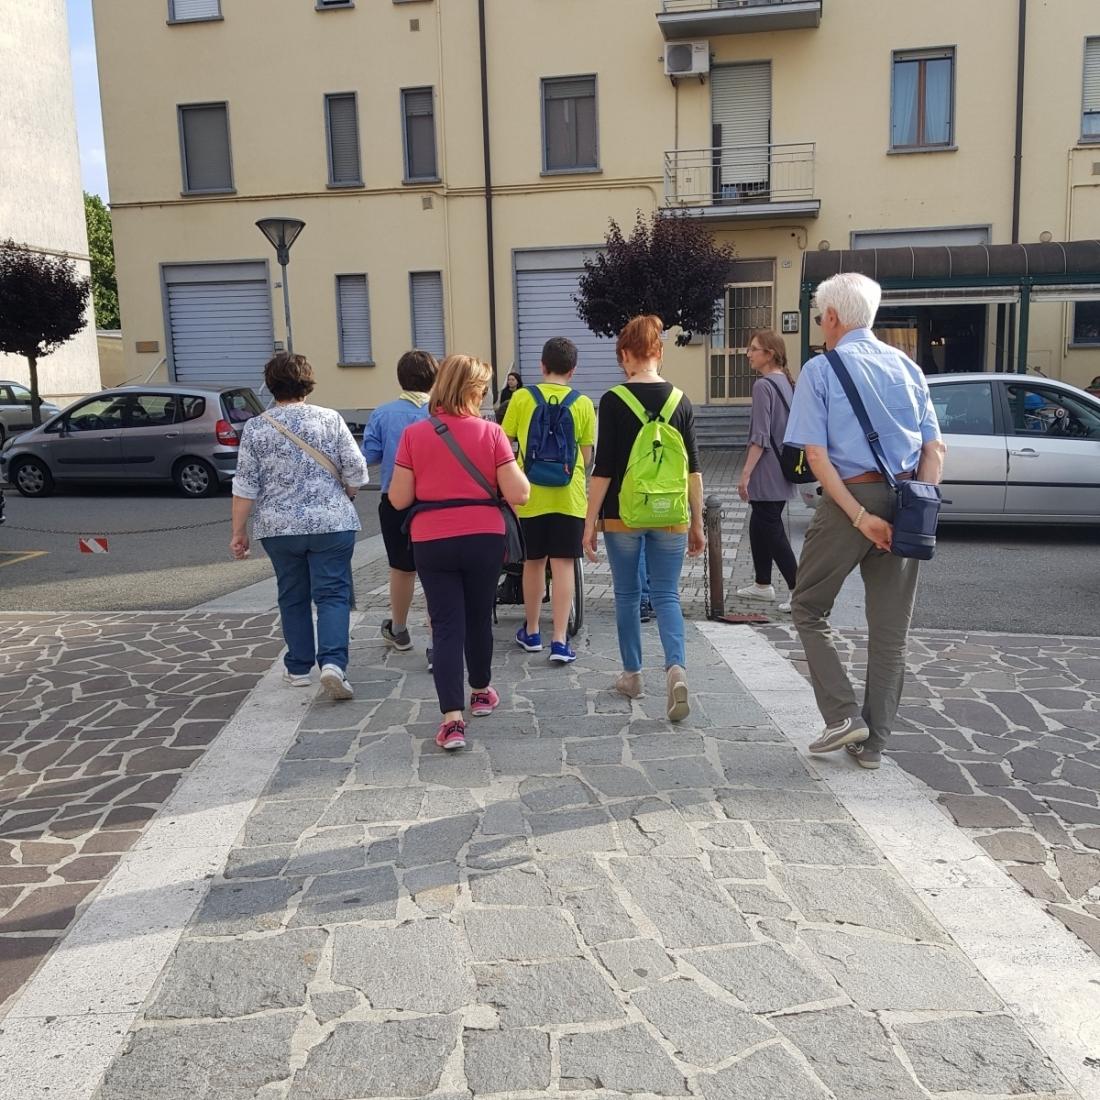 Pellegrinaggio Paderna 2018 (4)